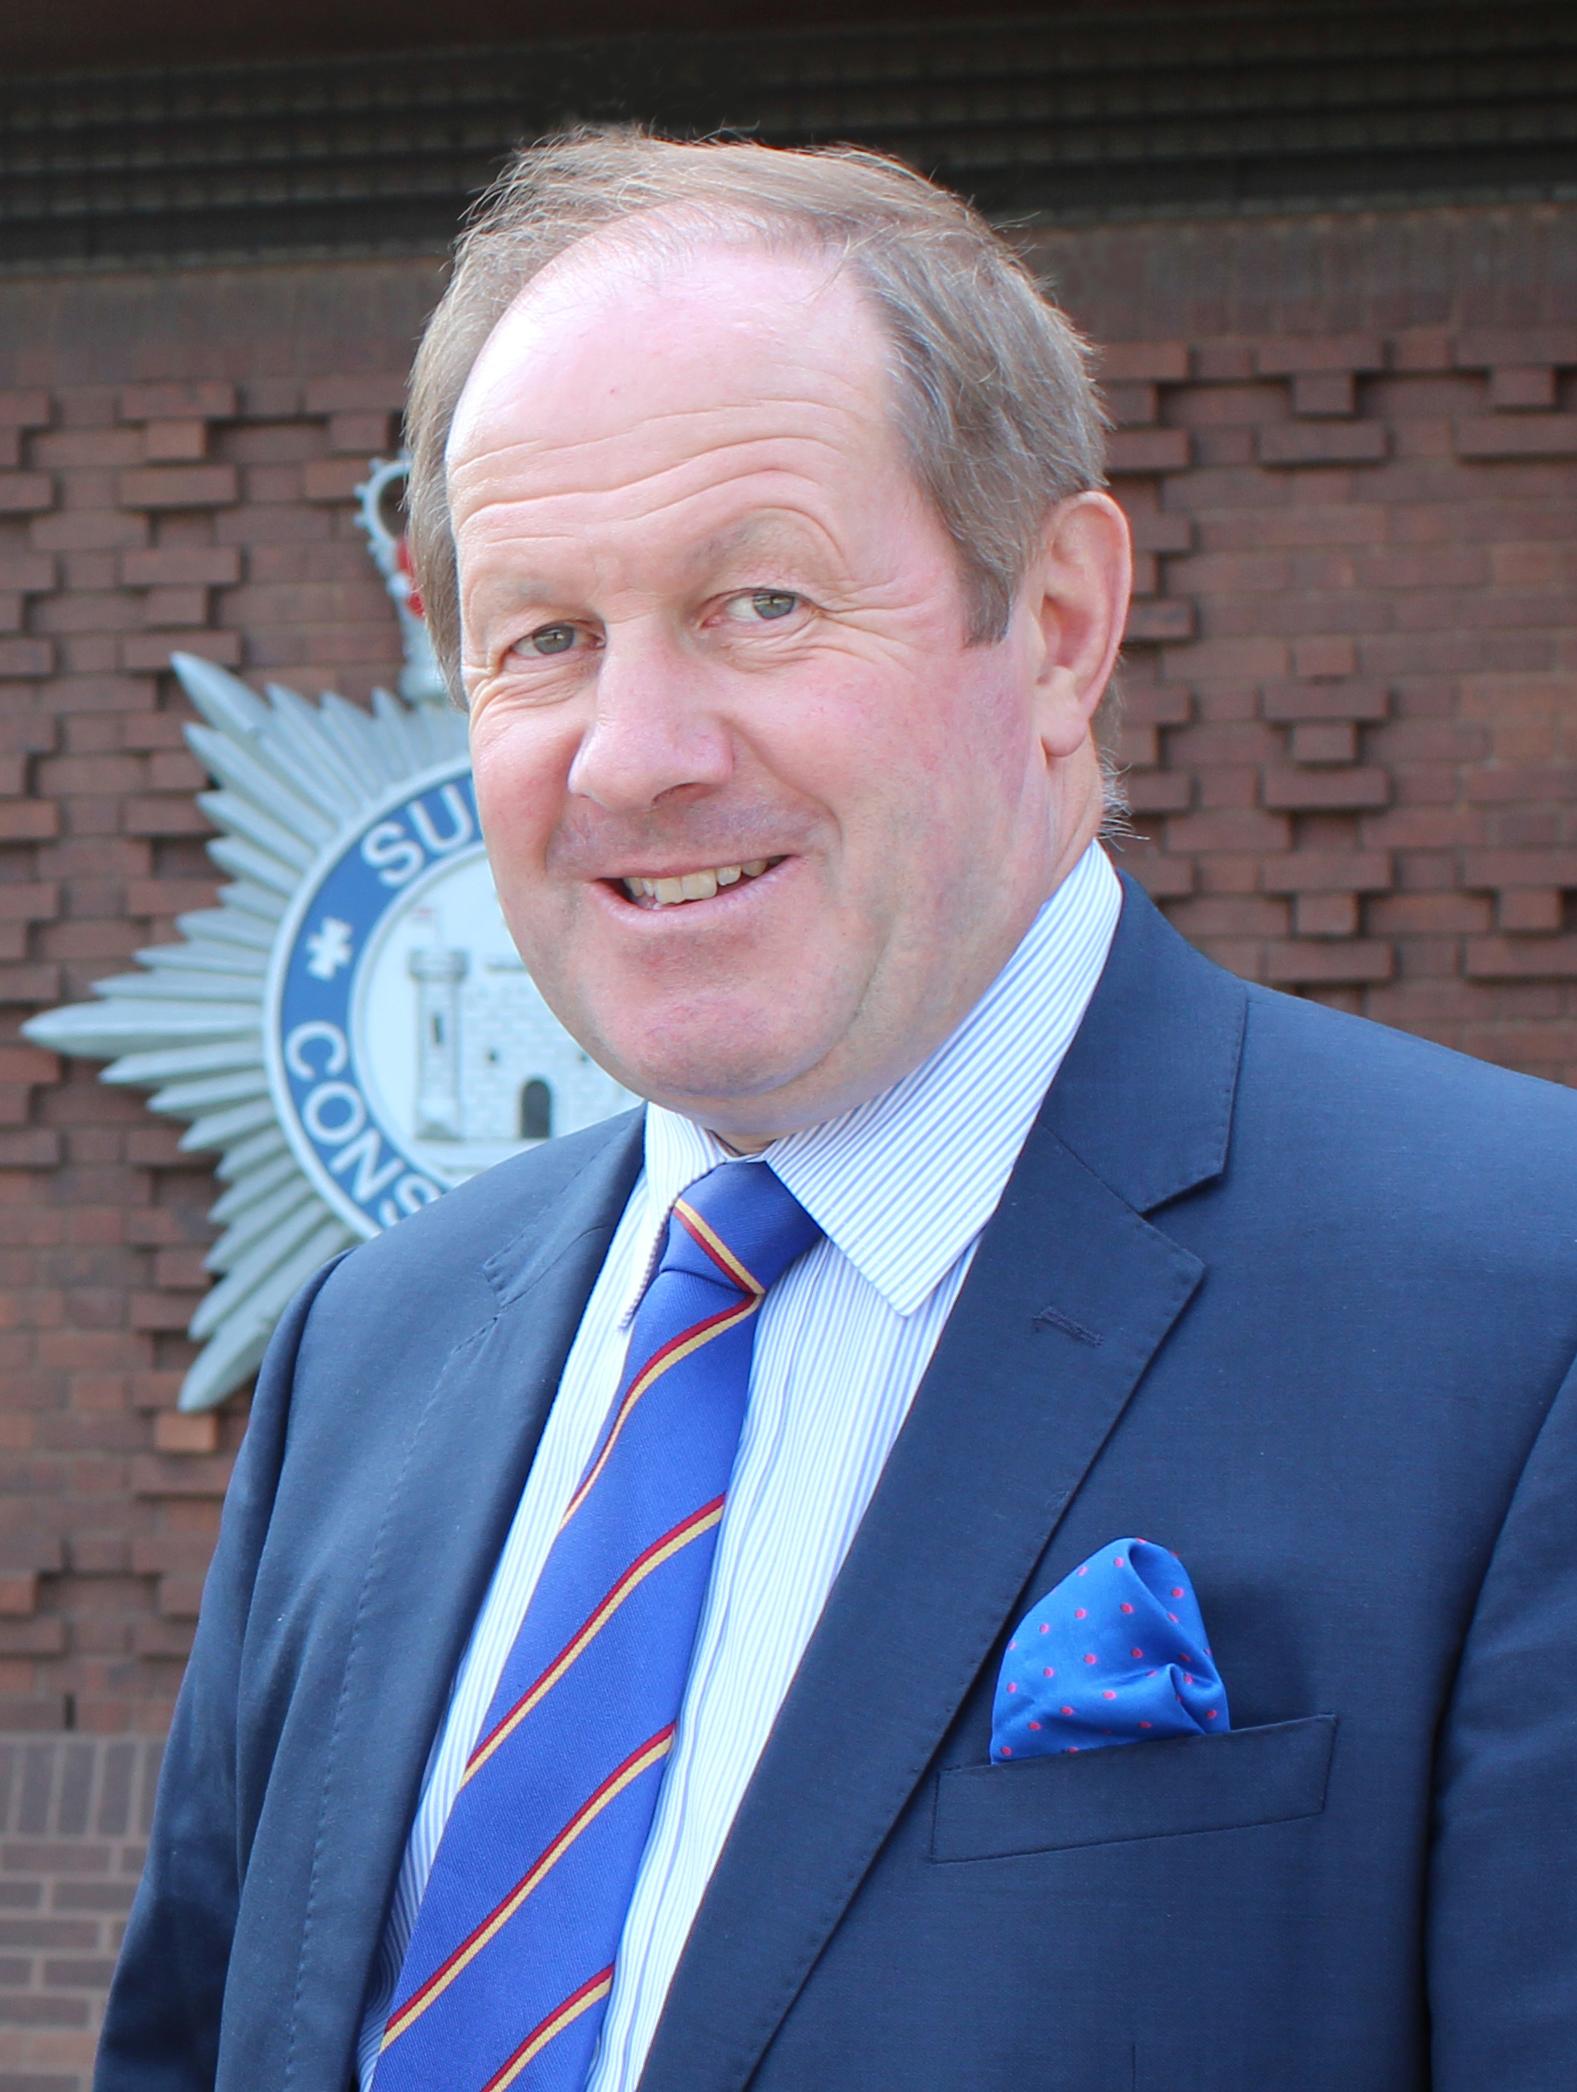 PCC Tim Passmore